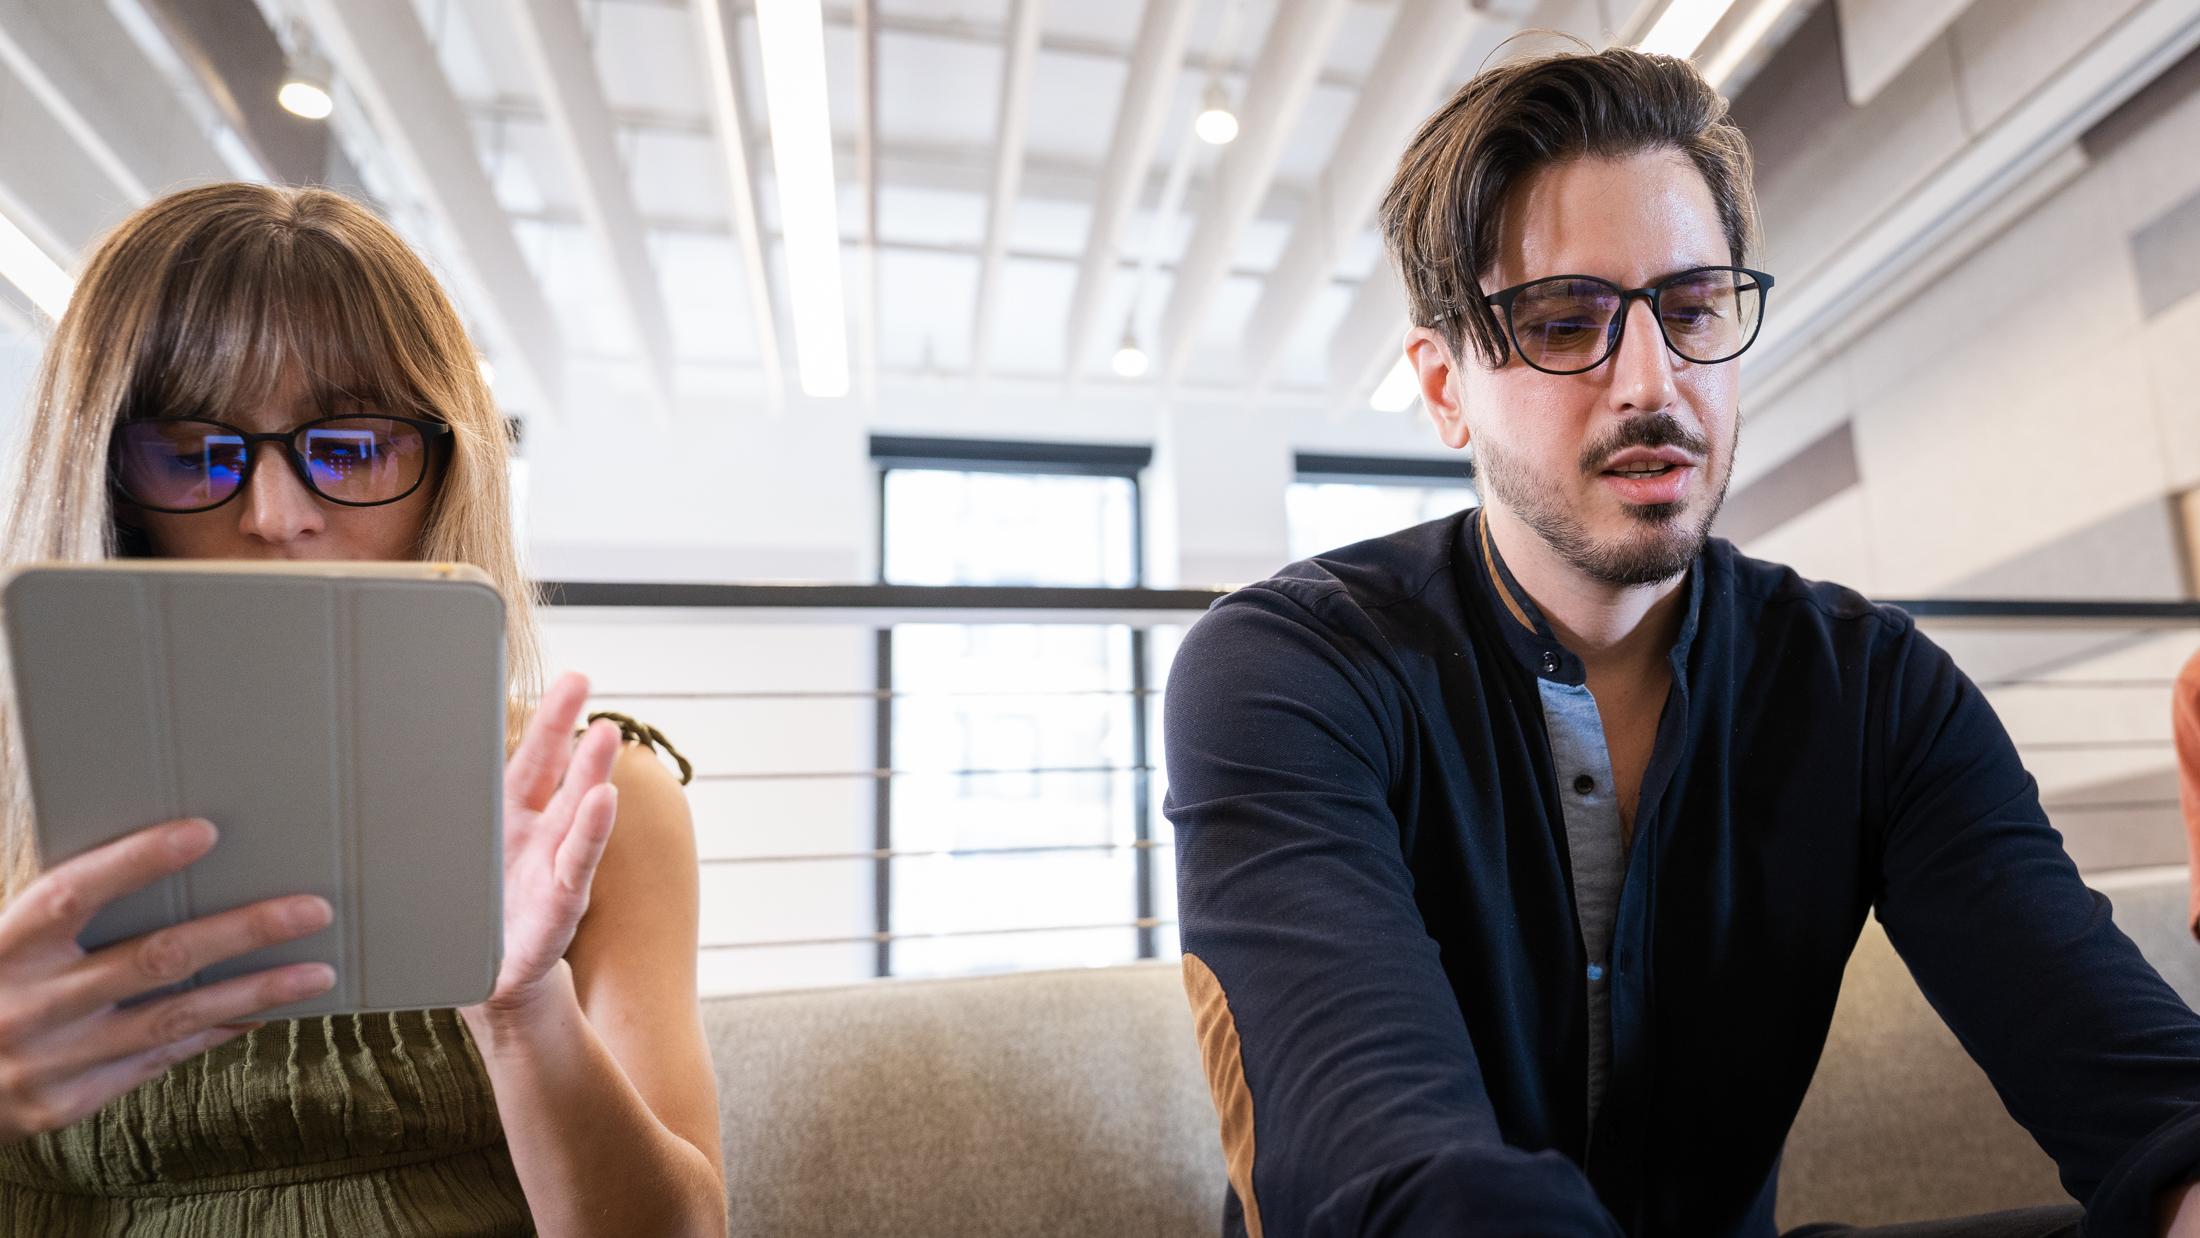 Computer glasses, Glasses